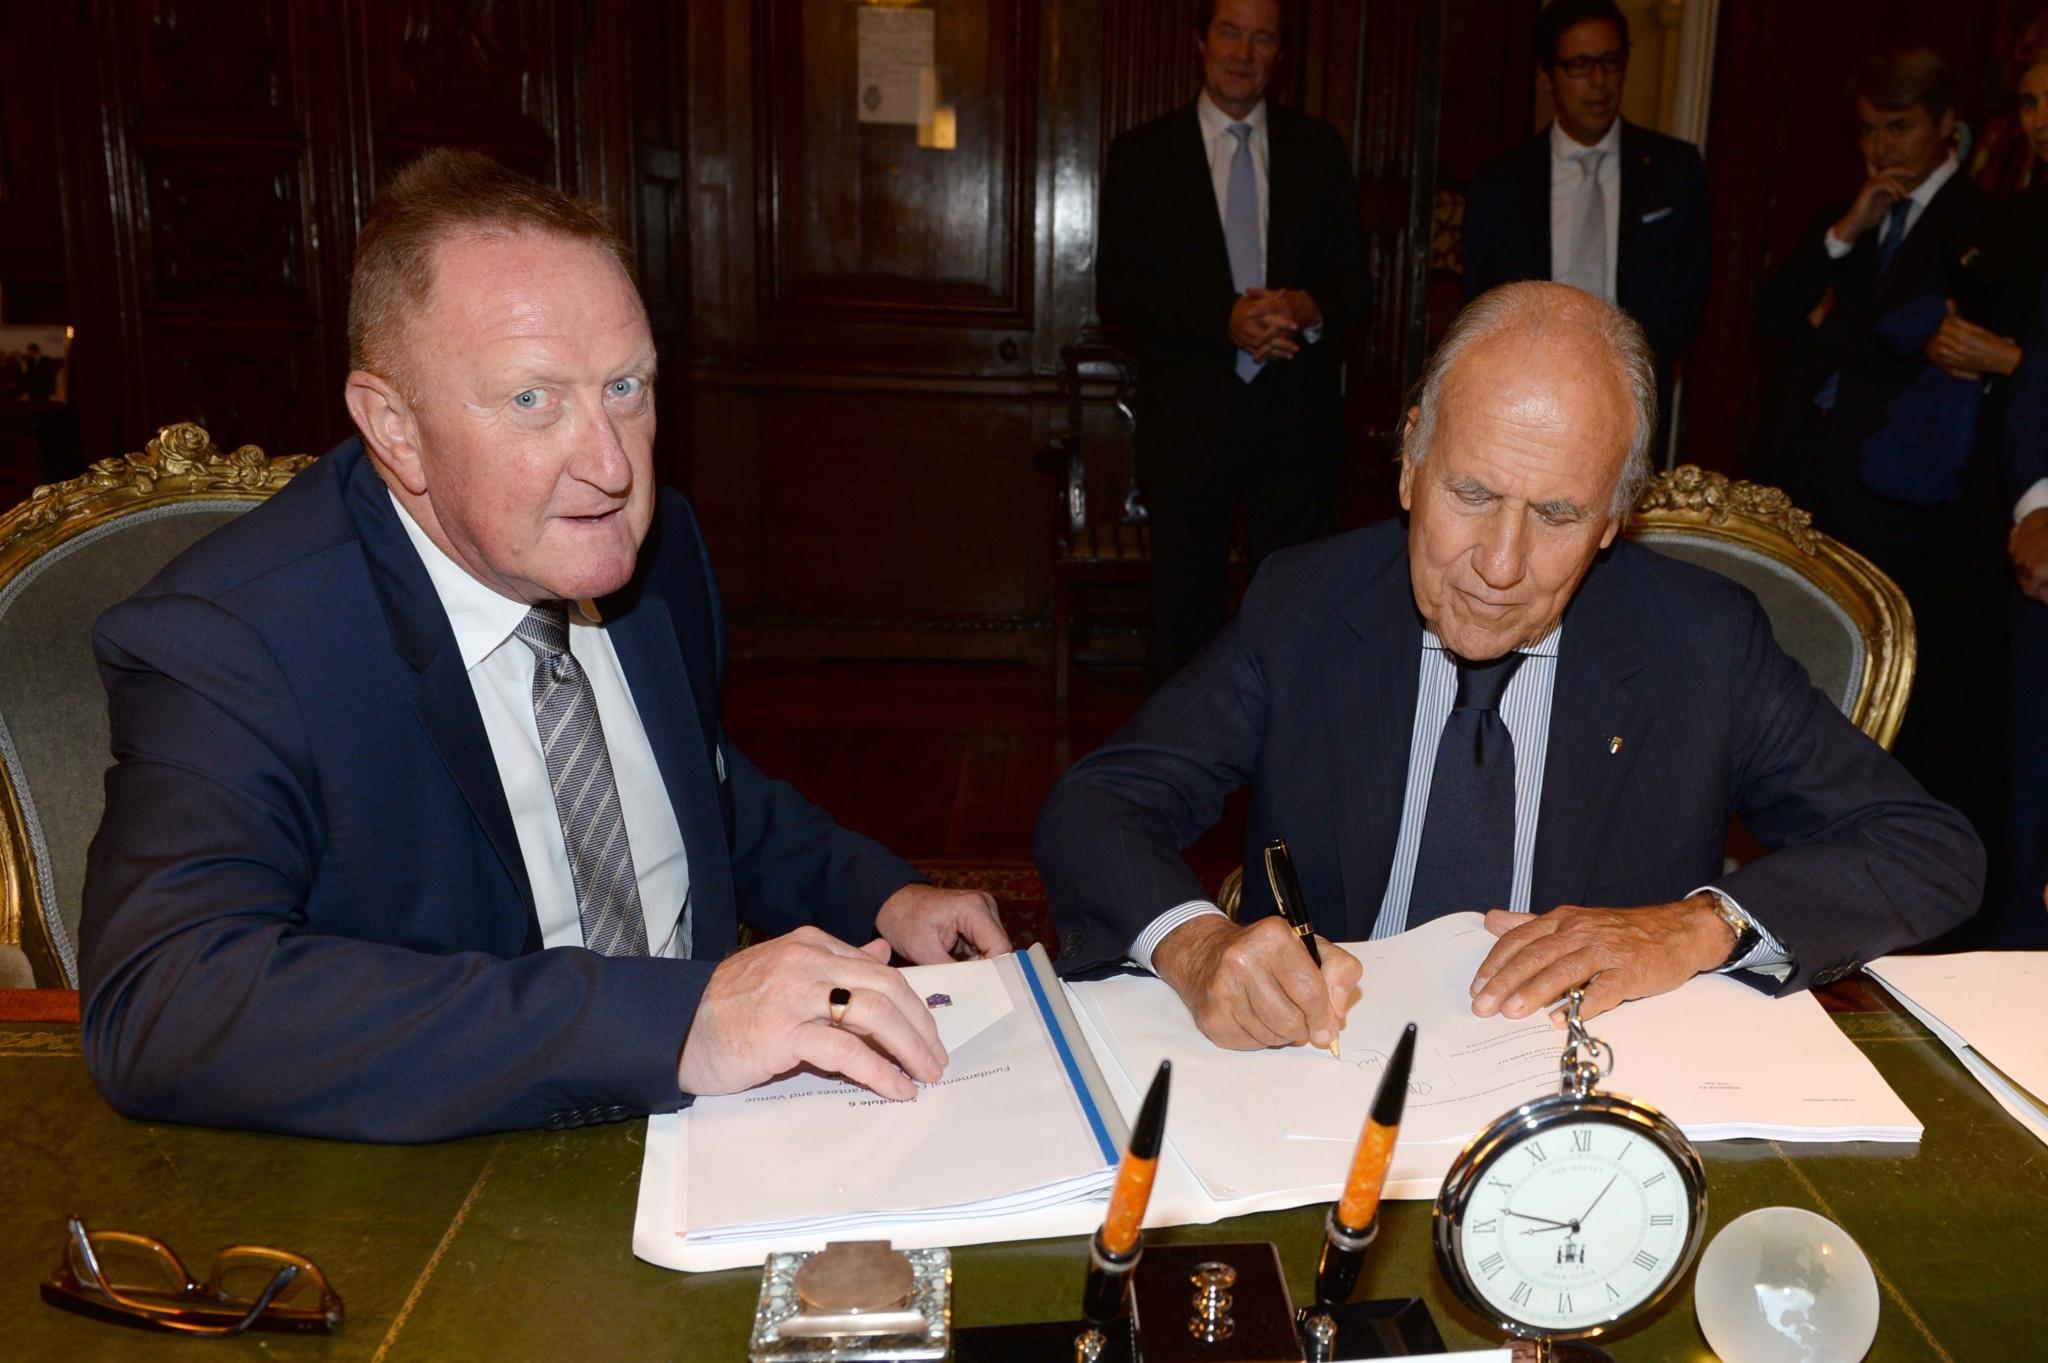 Richard Hills, direttore della Ryder Cup, con Franco Chimenti, presidente Fig, durante la presentazione della candidatura di Roma per la Ryder Cup 2022. L'italia sarà il terzo paese dell'Europa continentale dopo la Spagna (Valderrama 1997) e la Francia (Parigi 2018) ad ospitare la biennale sfida tra Europa e Stati Uniti